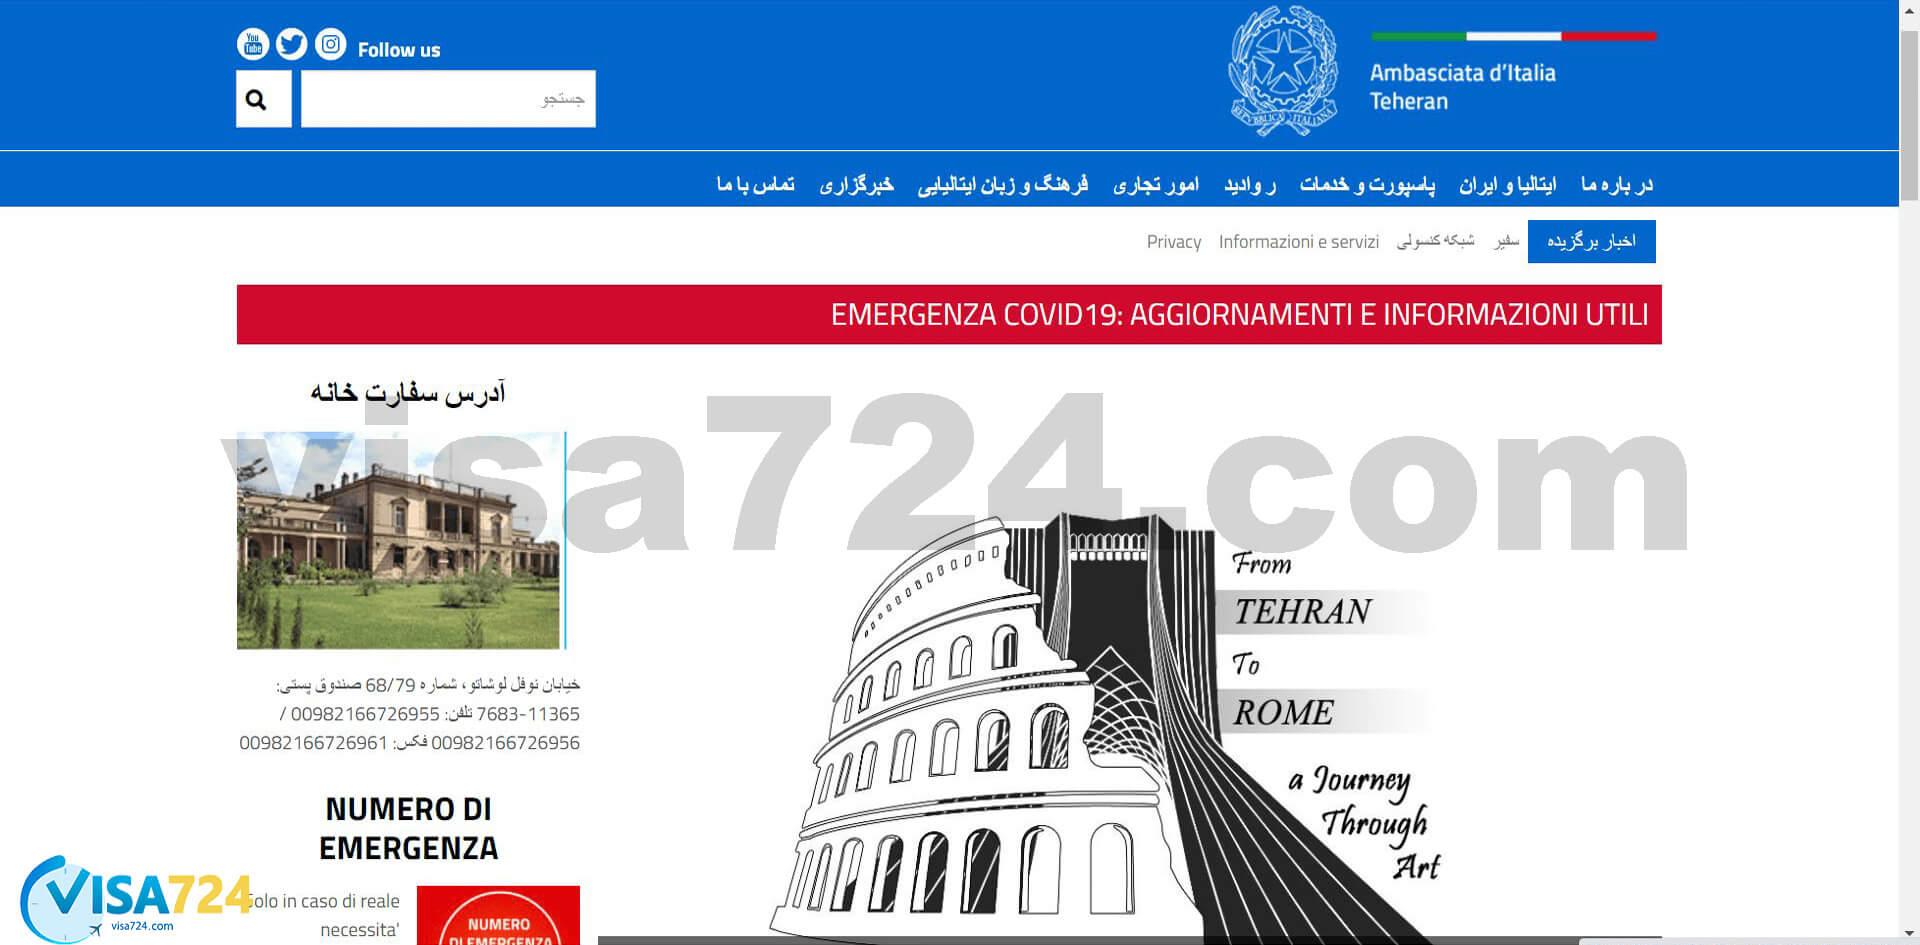 نحوه ی تعیین وقت سفارت ایتالیا